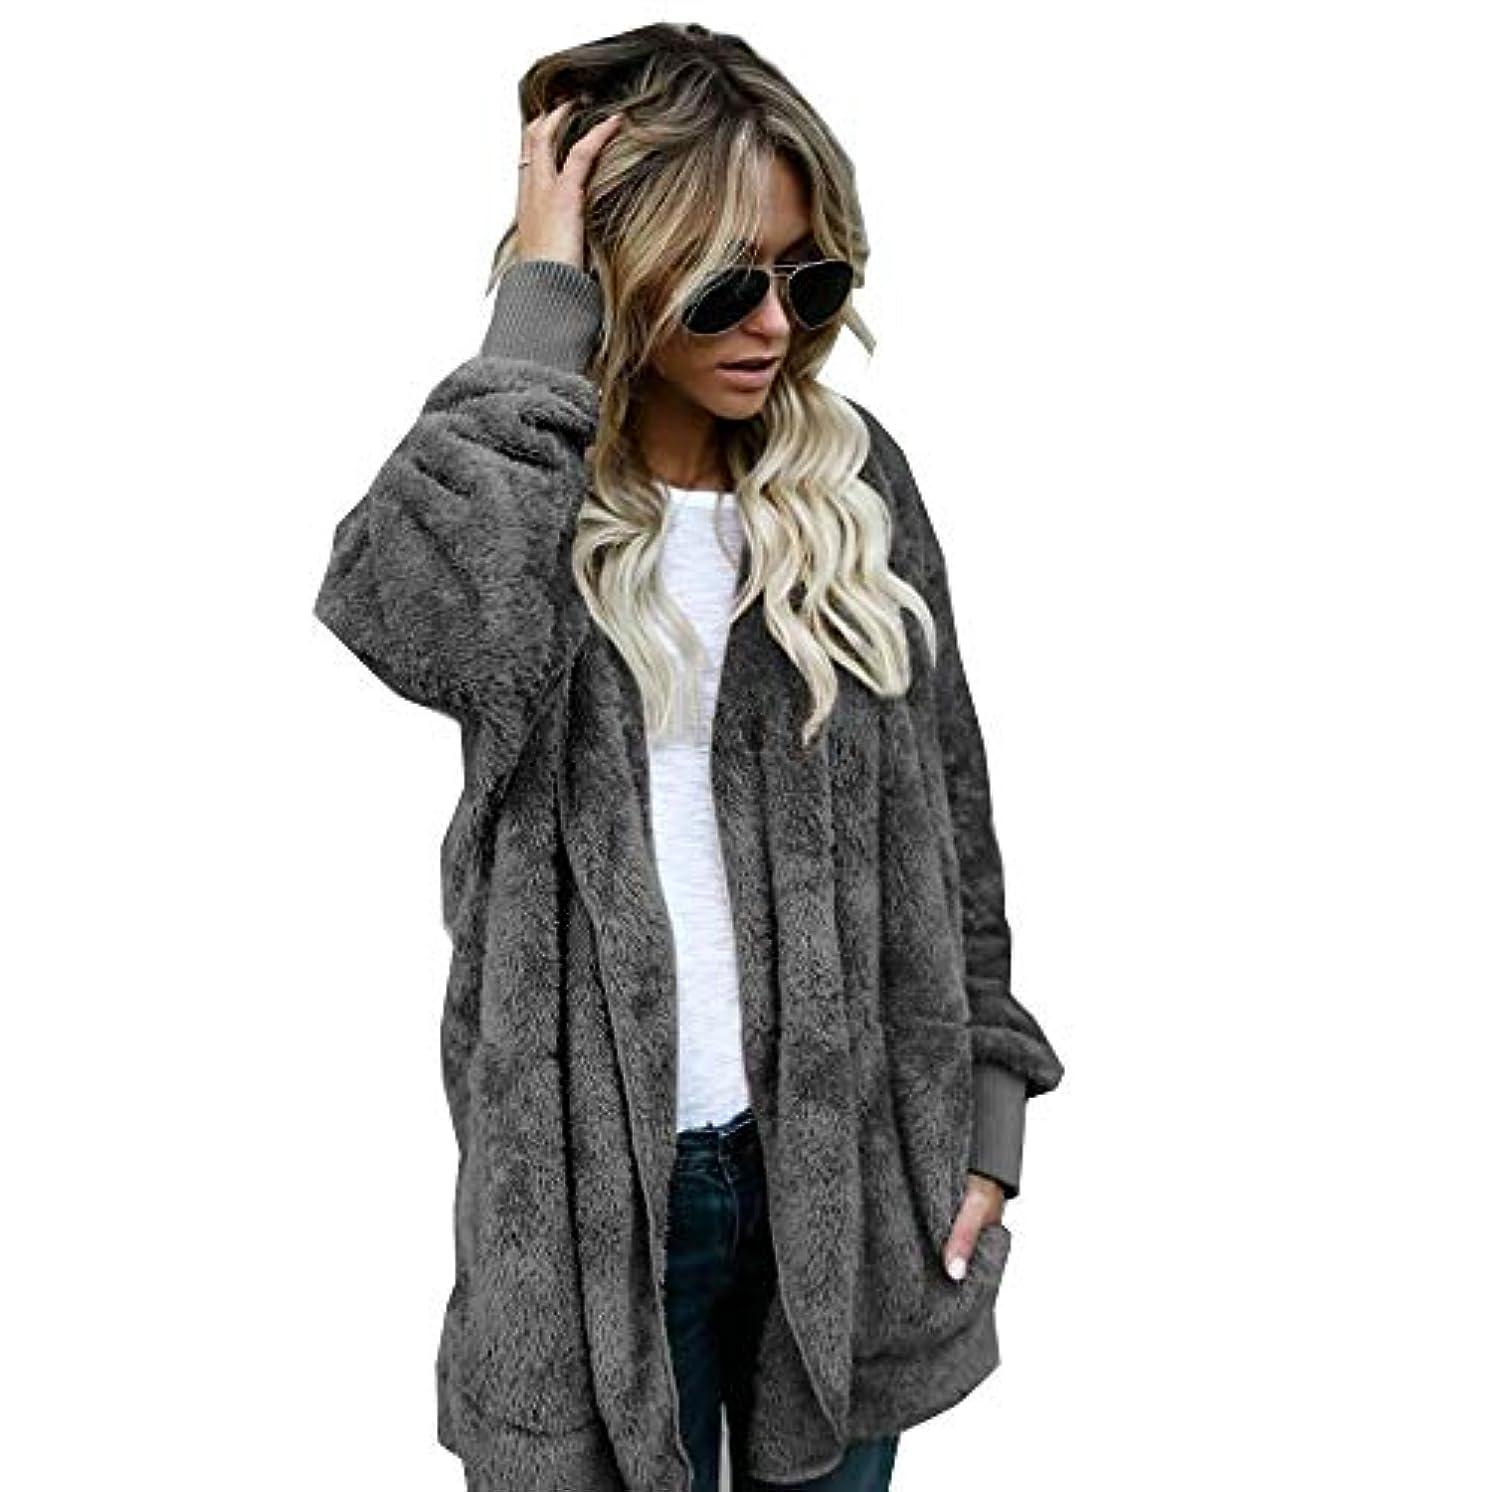 スタンド提供された証言MIFAN 長袖パーカー、冬のコート、女性のコート、女性の緩い厚く暖かいフェイクファーフード付きカーディガン